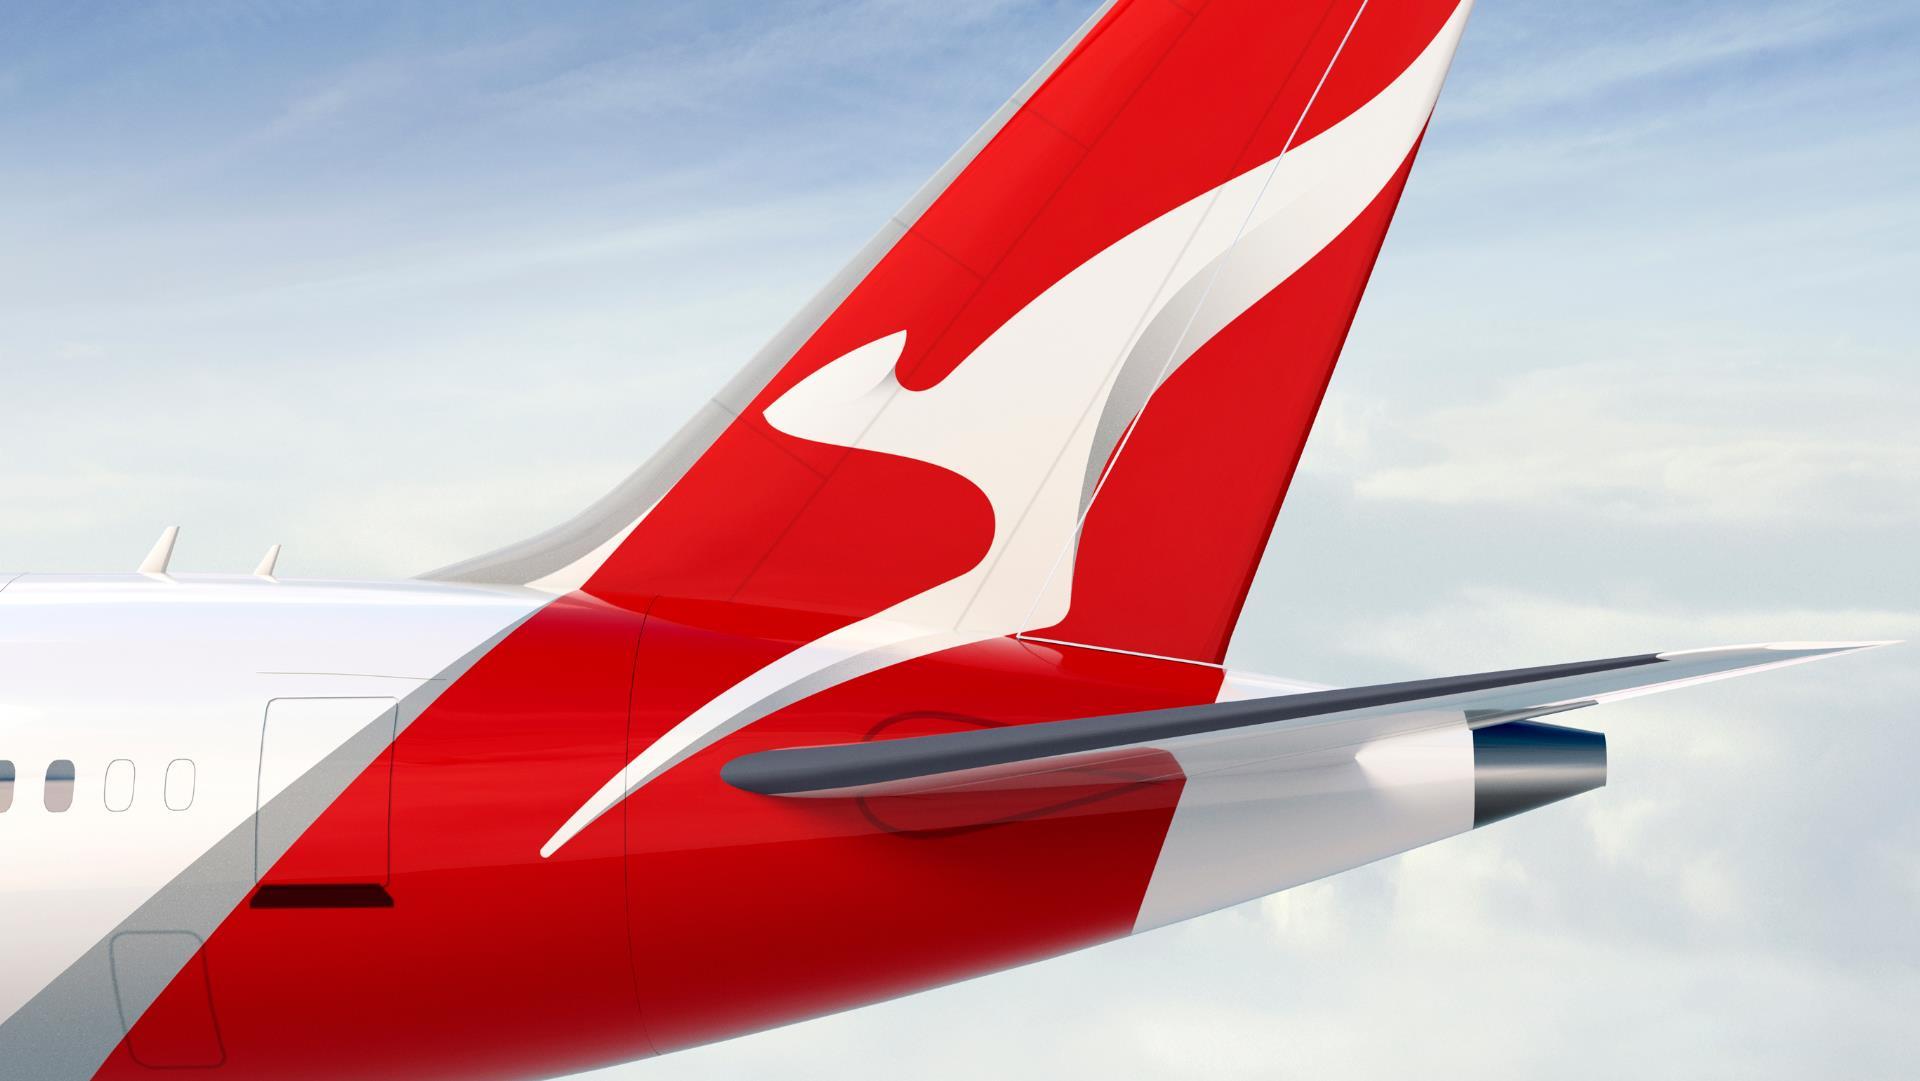 Copa Airlines es elegida como la aerolínea más puntual del mundo